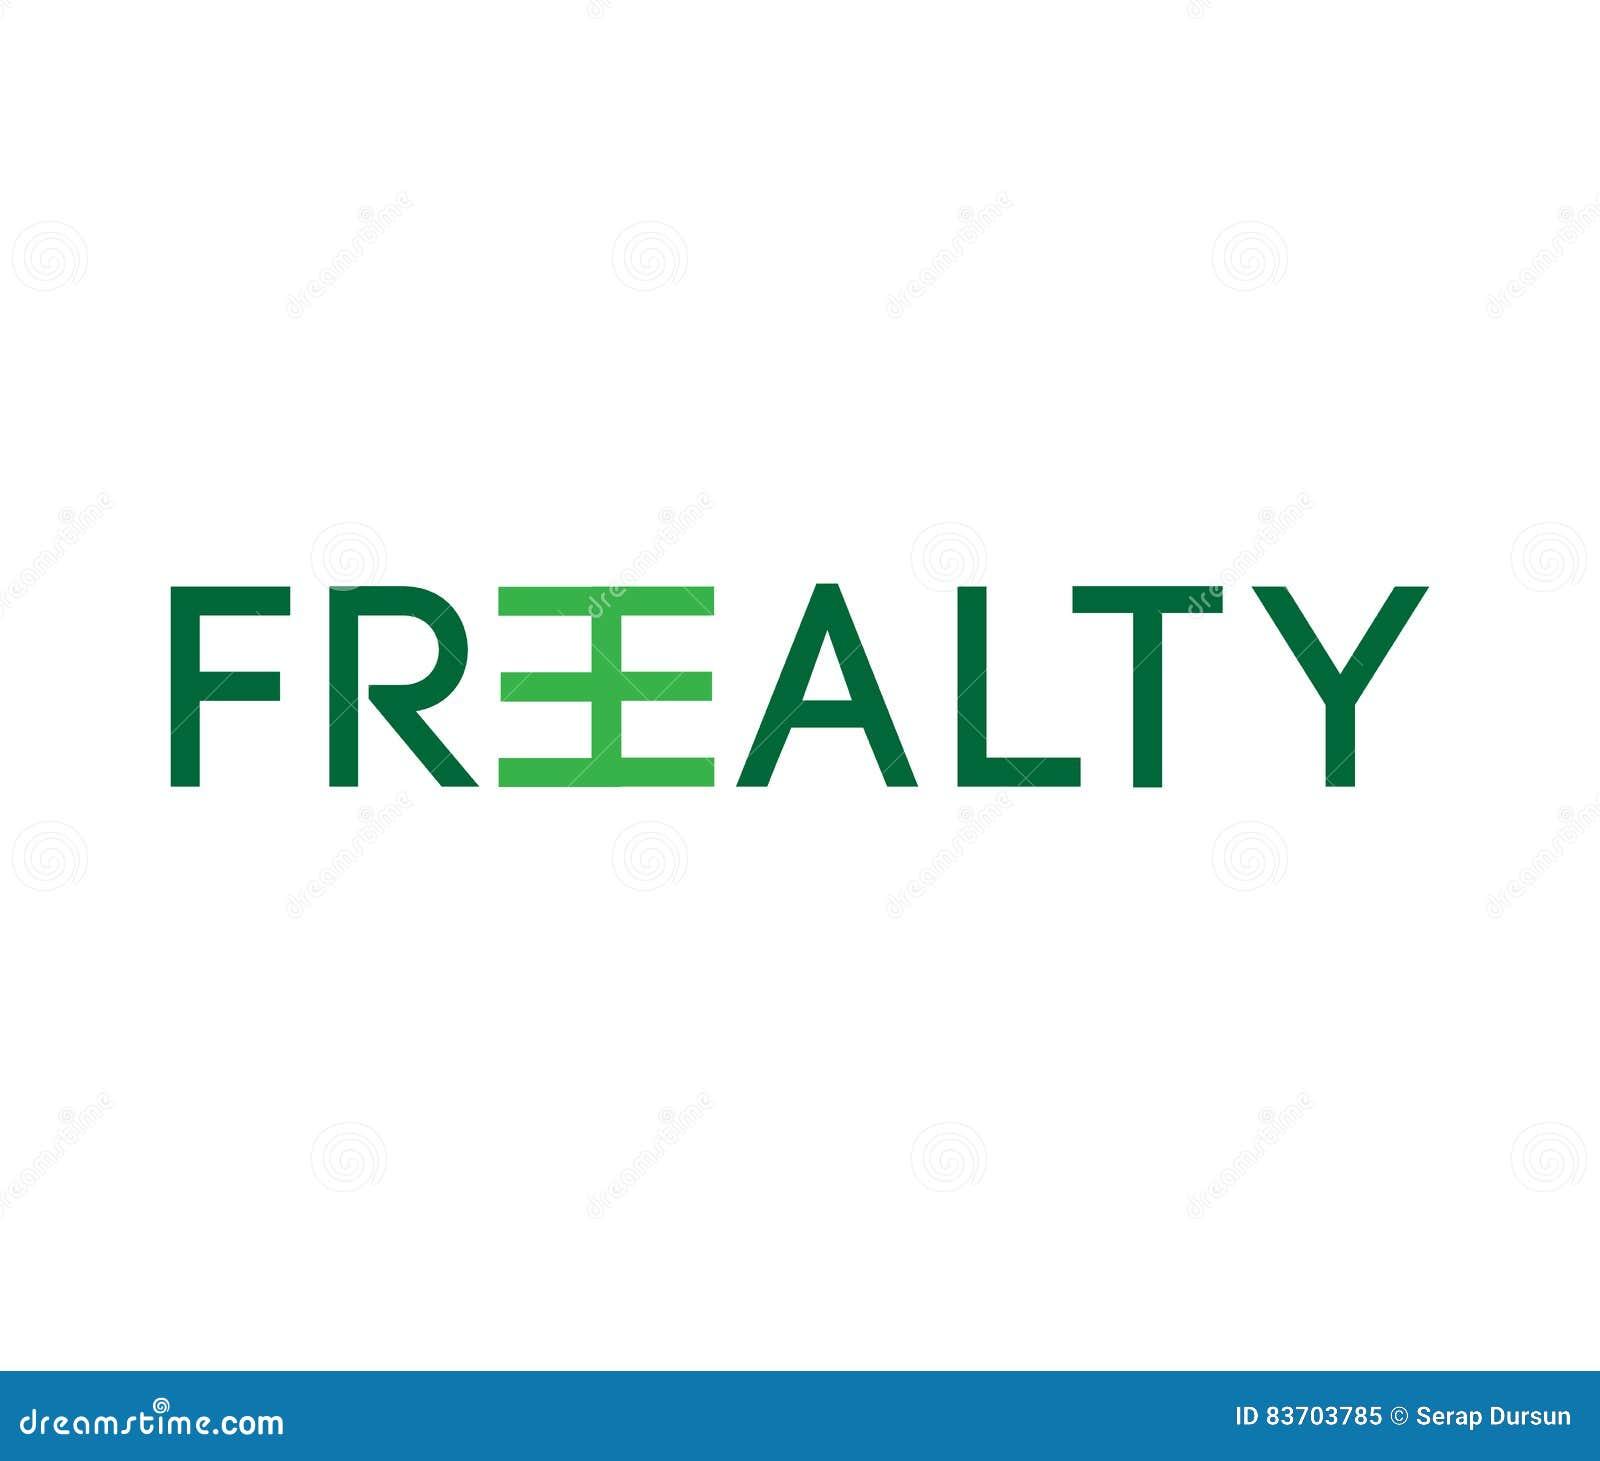 Freealty Concept Logo Design Stock Vector